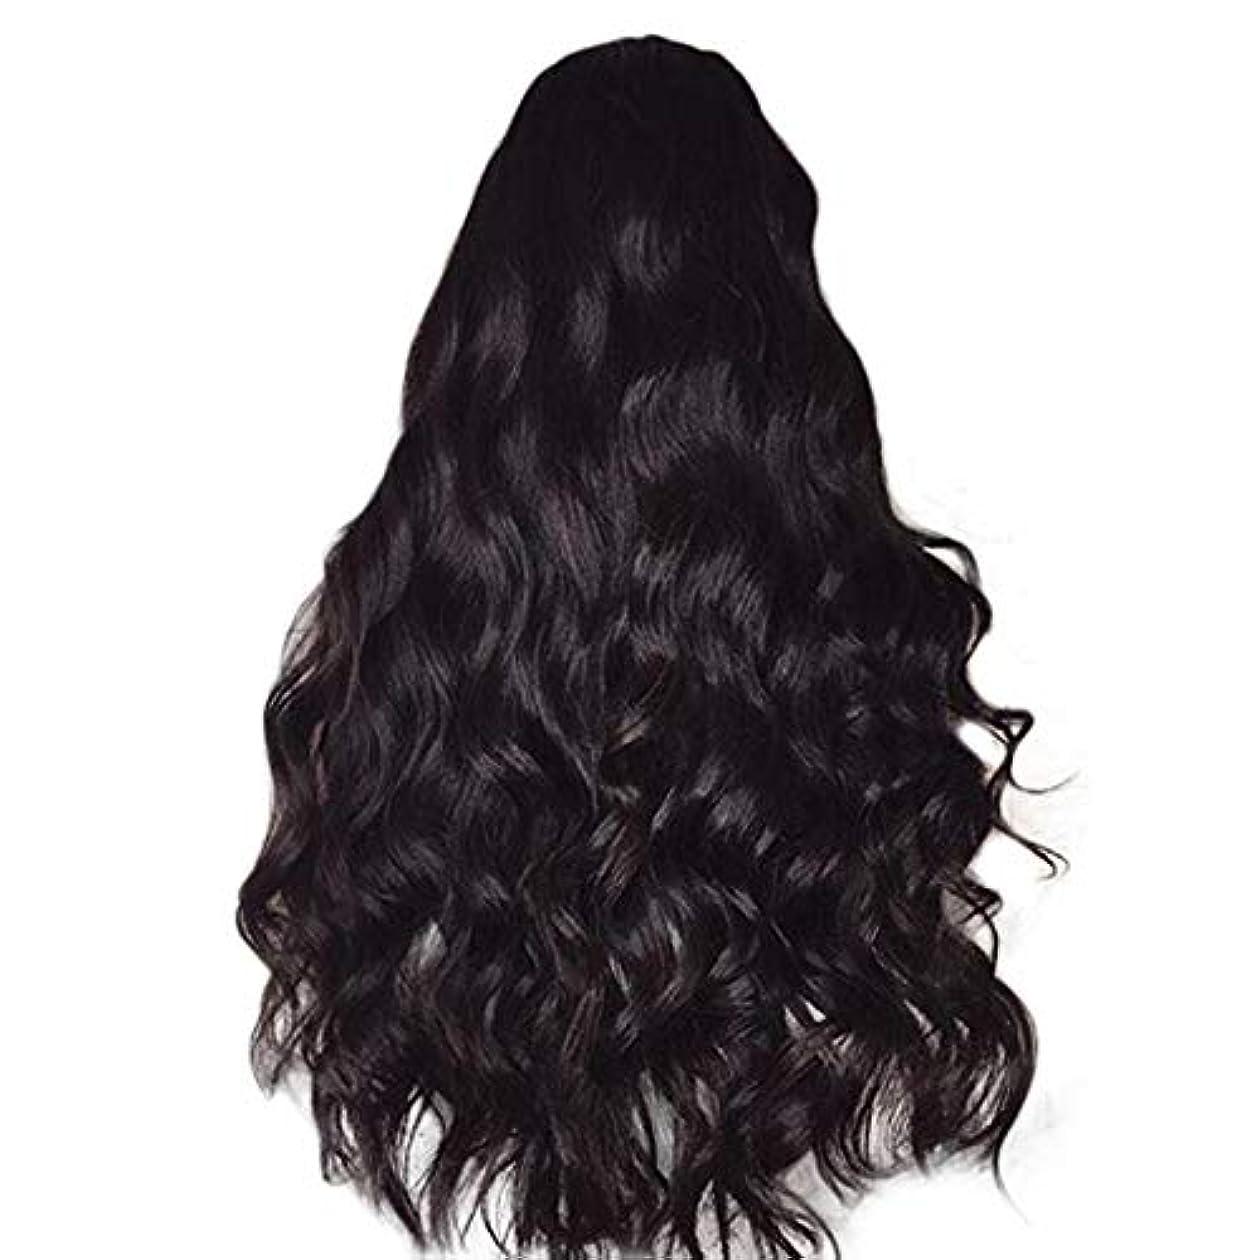 不適当債務フレッシュ女性のかつら長い巻き毛黒ふわふわビッグウェーブウィッグ65 cm